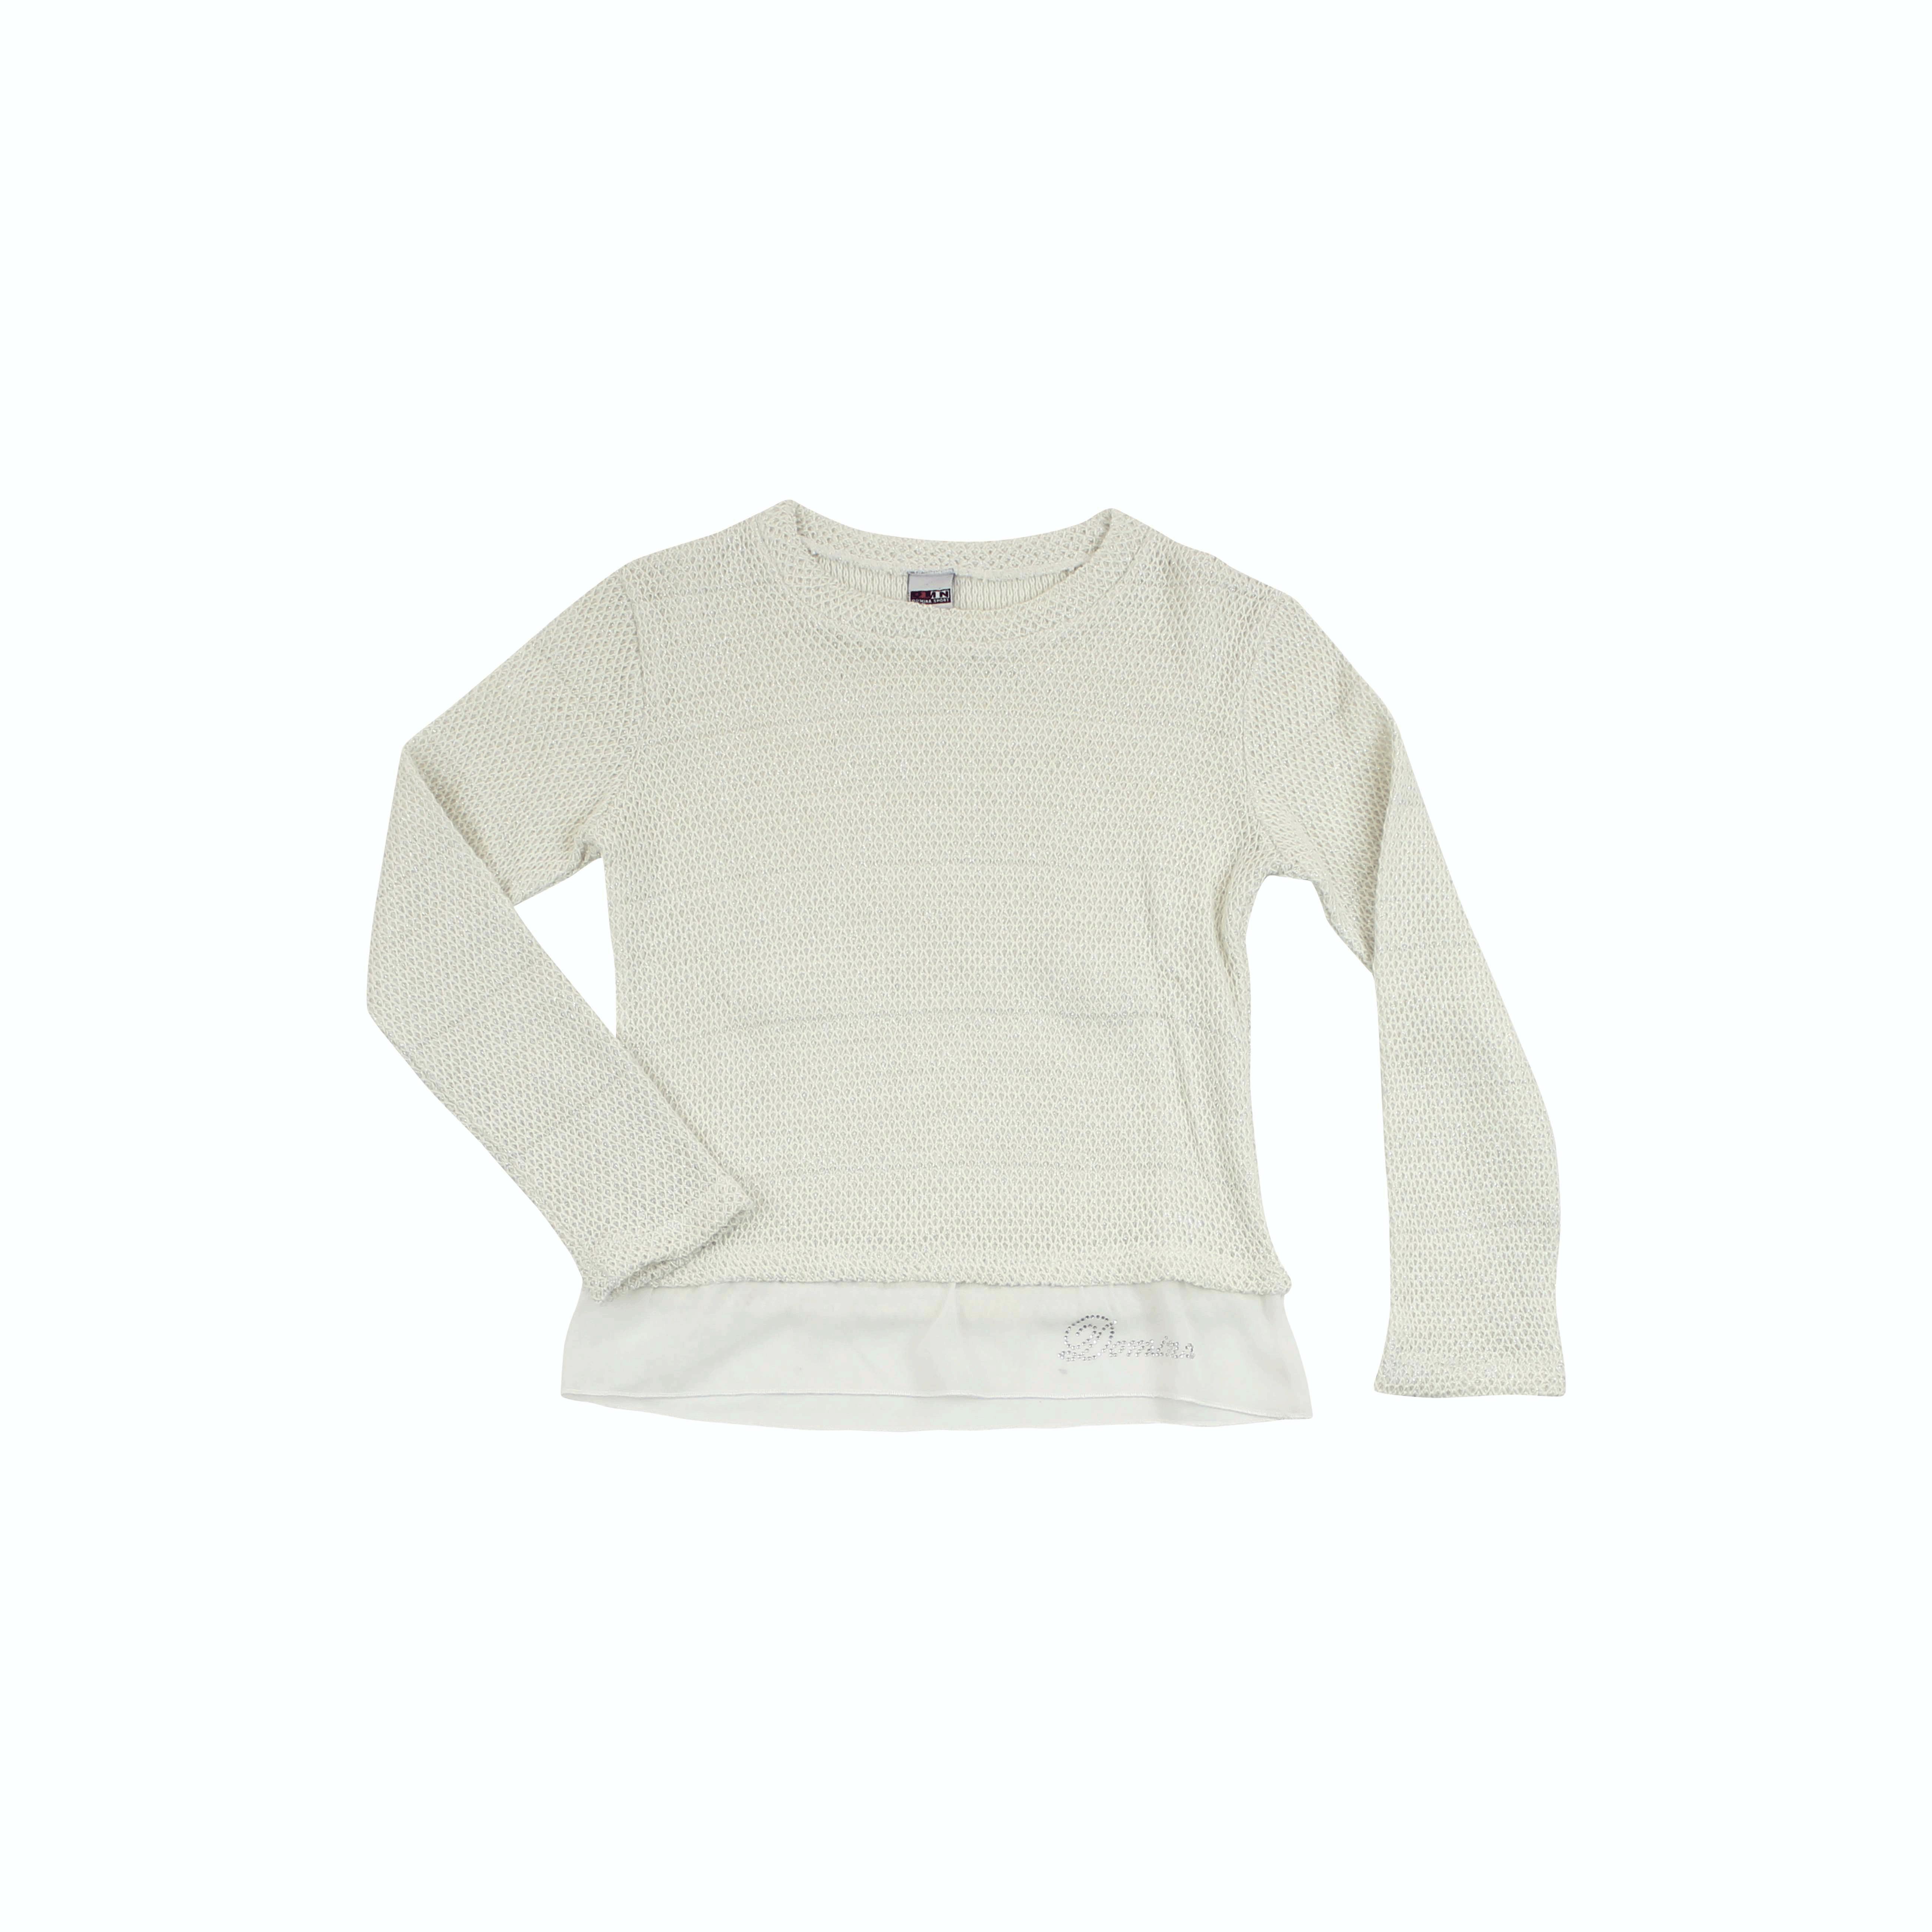 DMN – Παιδική μπλούζα DMN εκρού